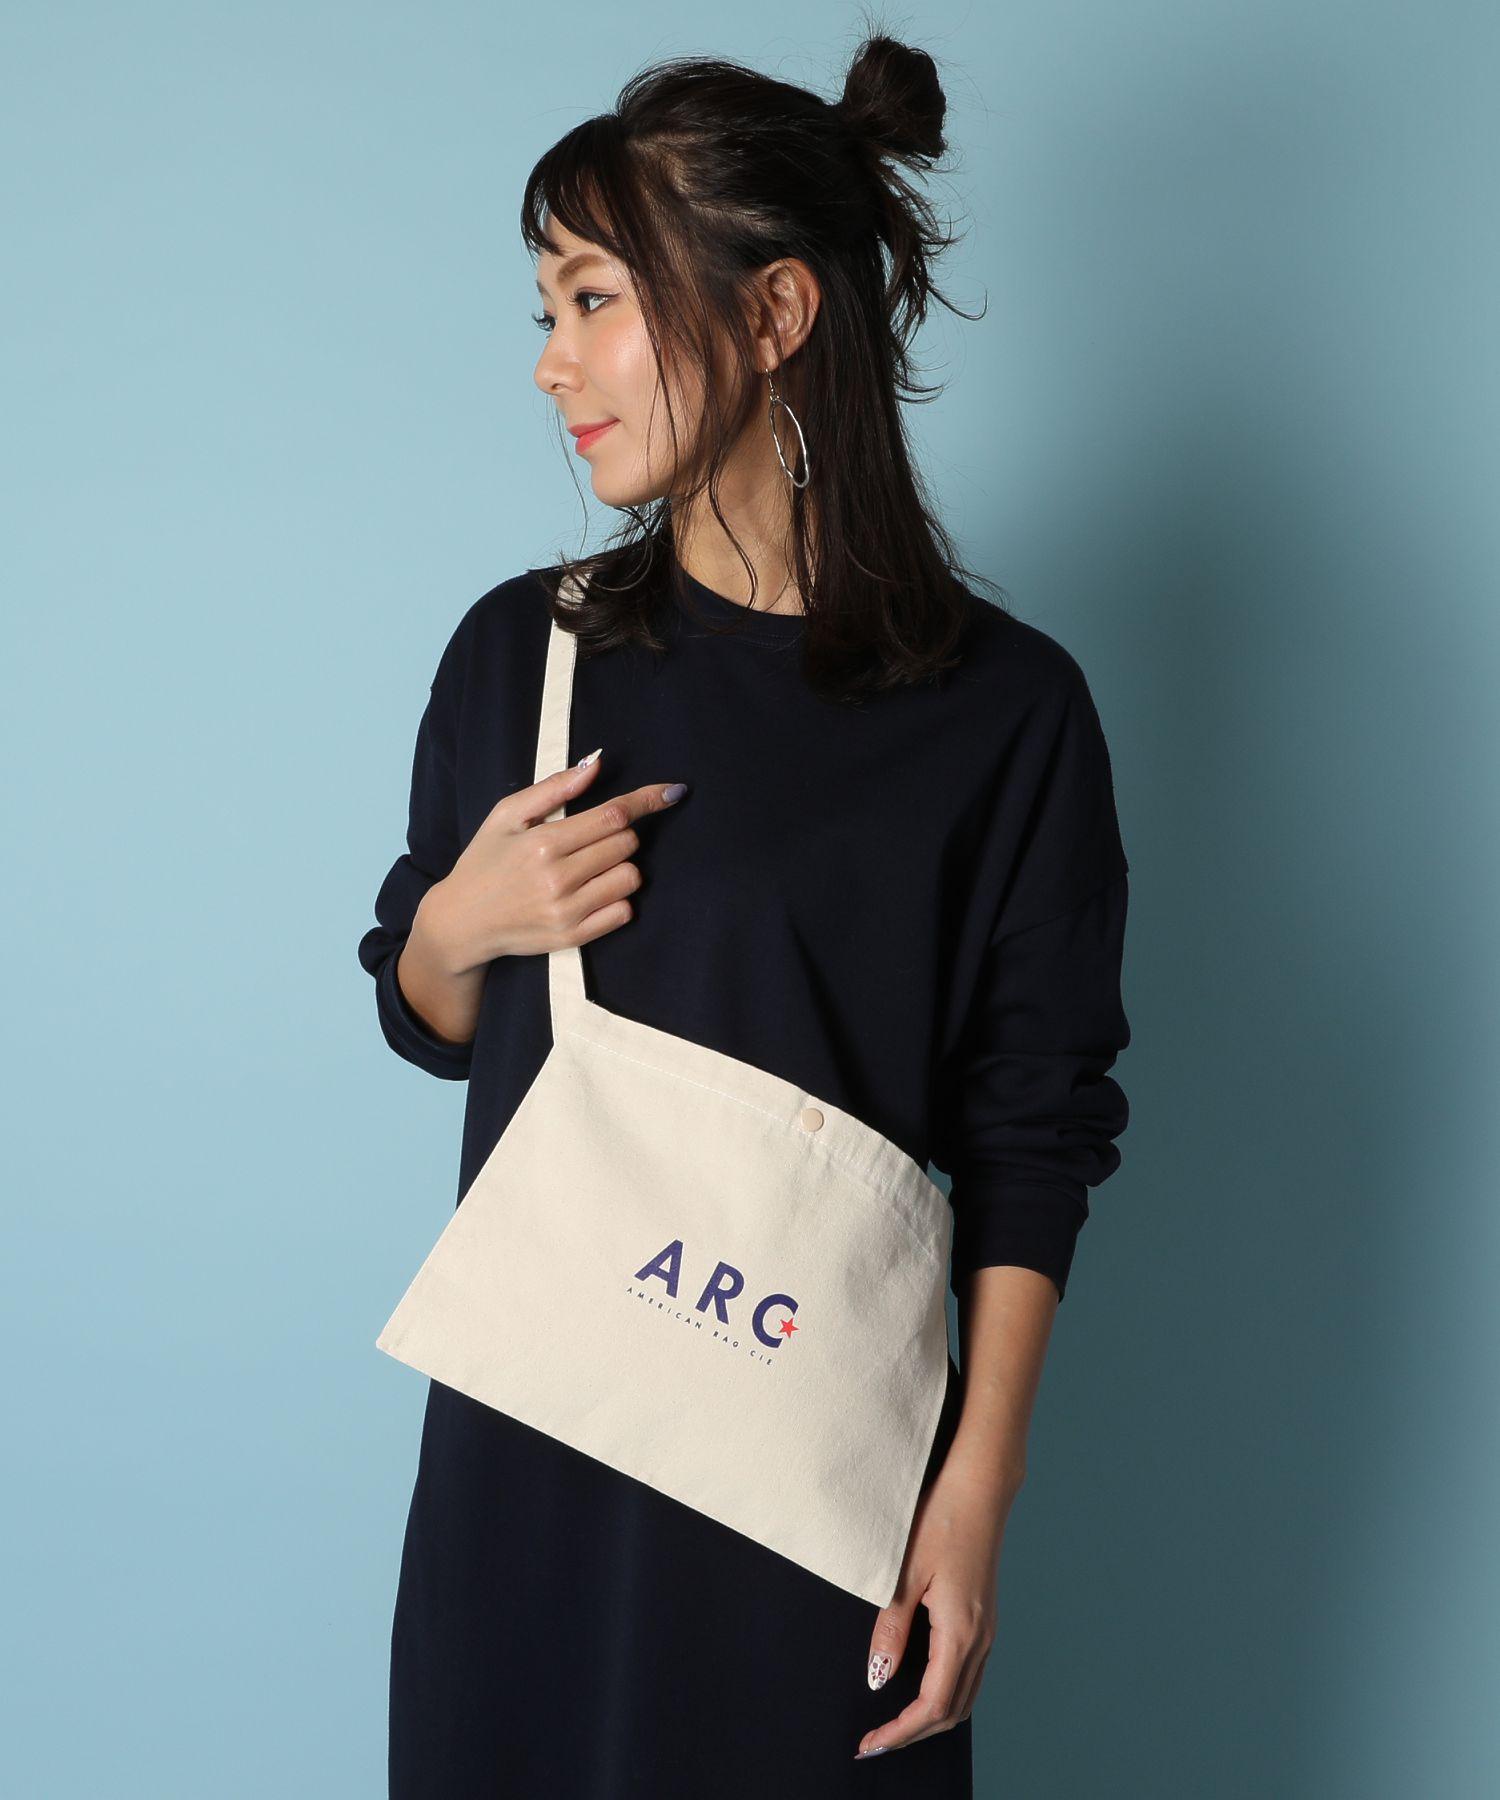 AMERICAN RAG CIE ARC Simple Logo Print Cotton Sacoche/アメリカンラグシー ARCシンプルロゴプリントコットンサコッシュ